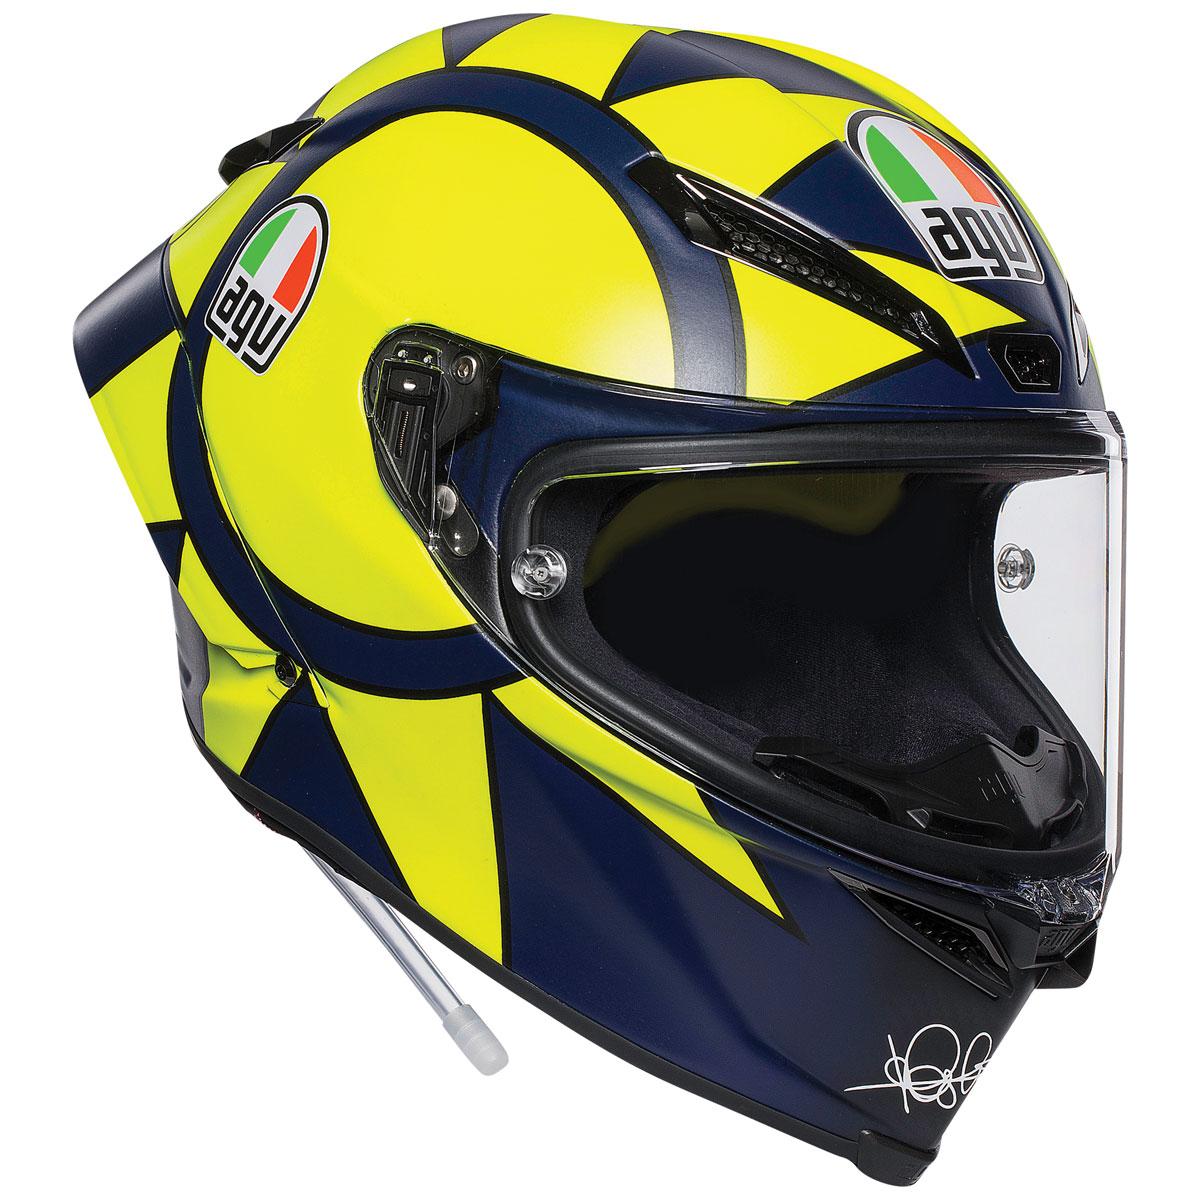 AGV Pista GP R Soleluna 2018 Full Face Helmet